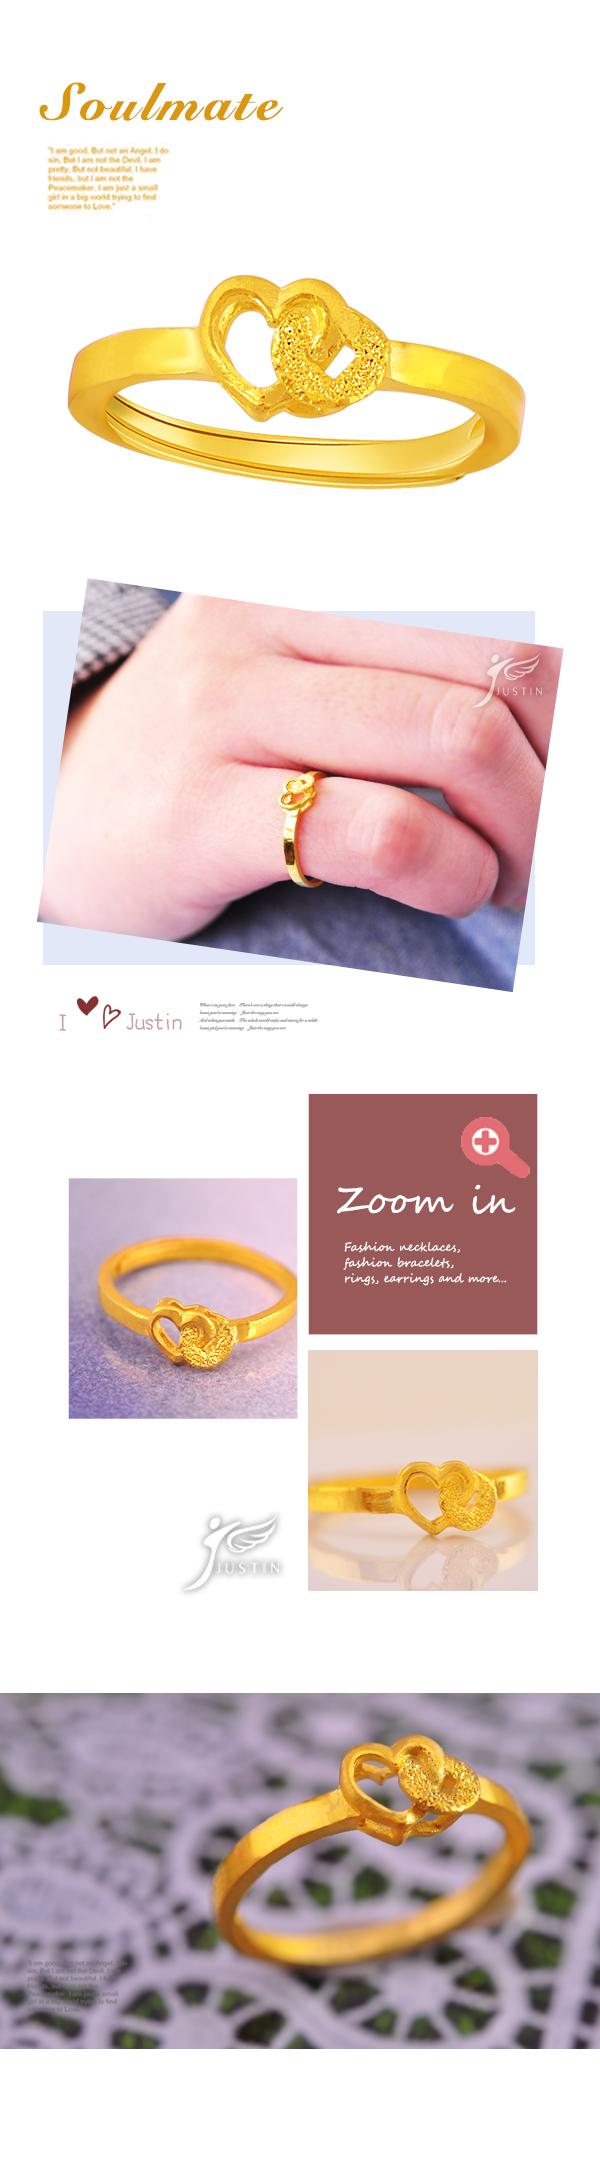 金緻品,金製品,黃金價格,金飾,金飾價格,黃金飾品,金飾店,純金,金飾品牌,黃金投資,黃金戒指,遇見幸福,黃金尾戒指,愛心